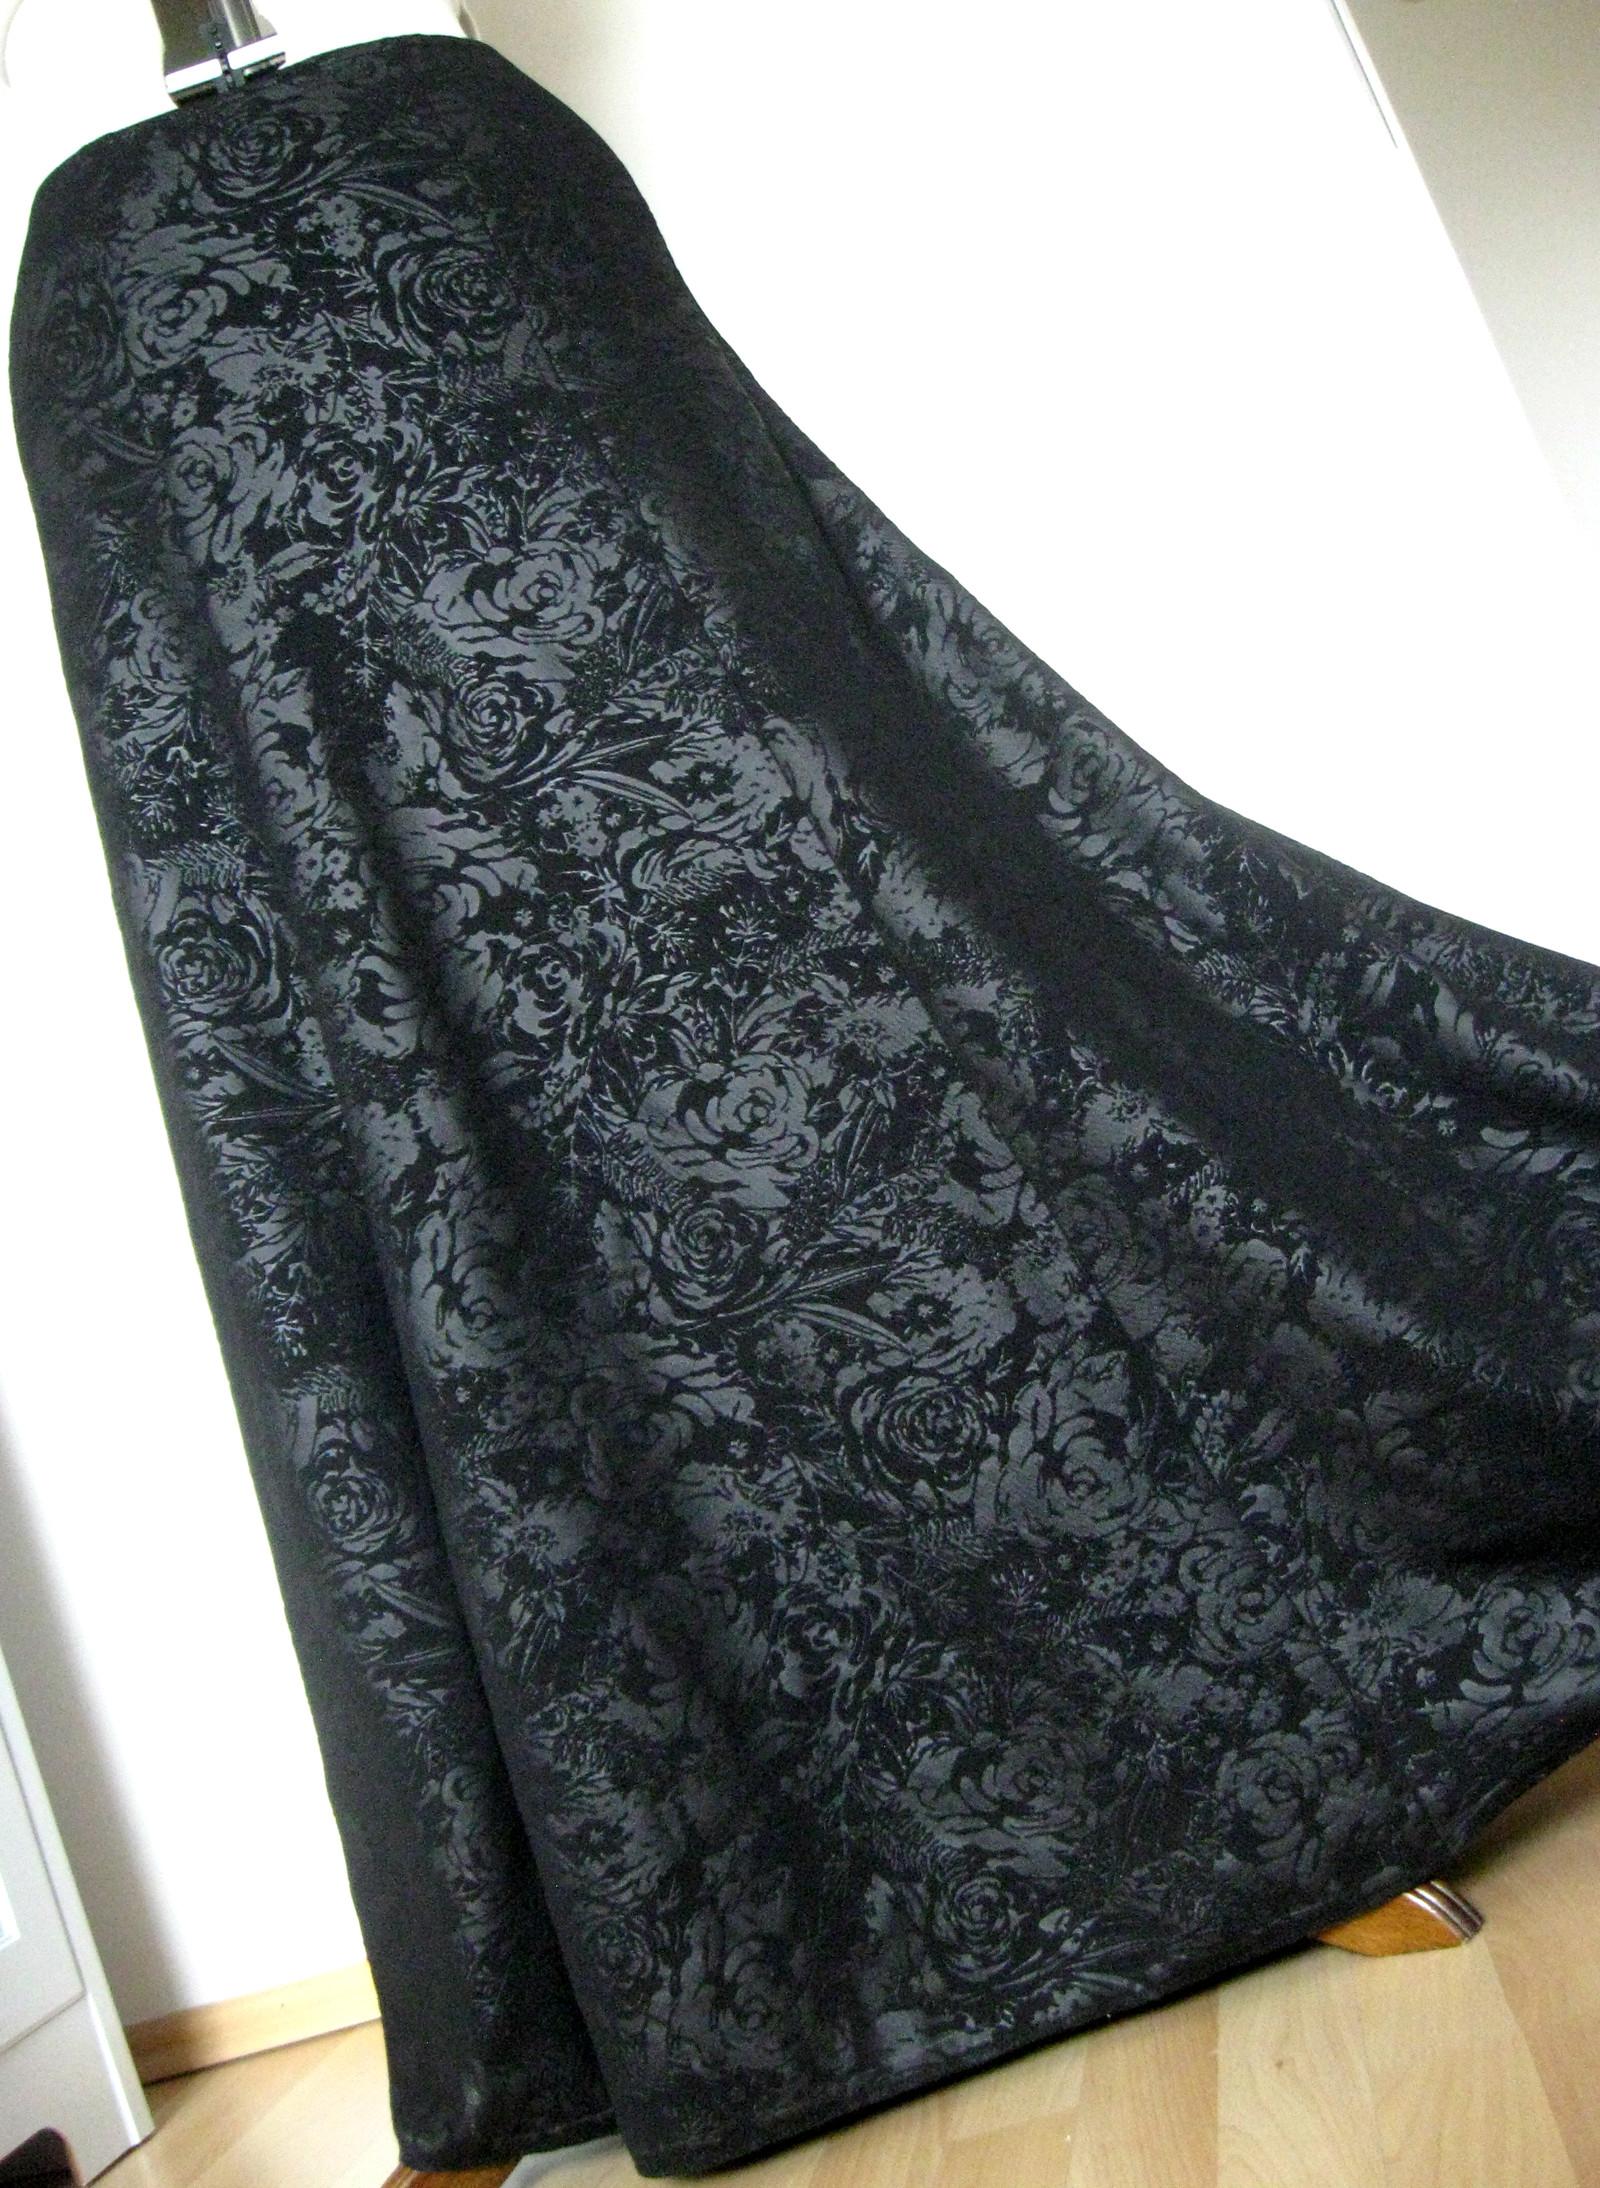 Dlouhá společenská ... sukně   Zboží prodejce Darueli  4c4a6ac808